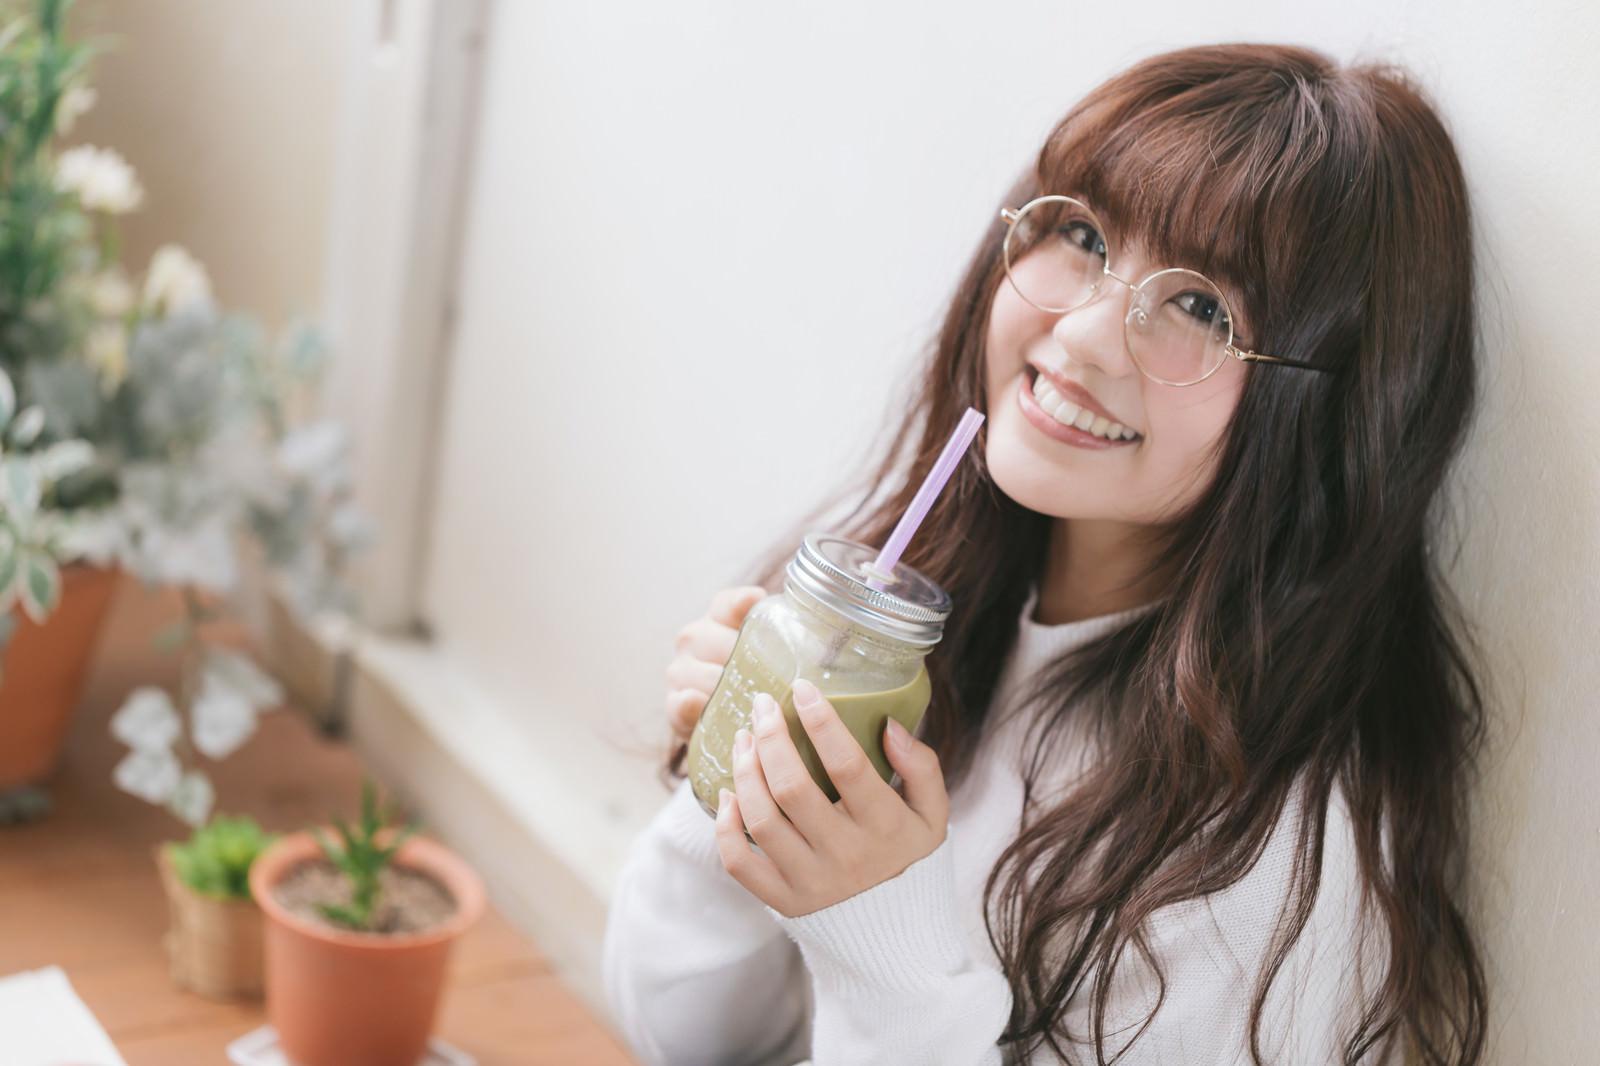 SMIMGL4043_TP_V-smoothie-yuka.jpg